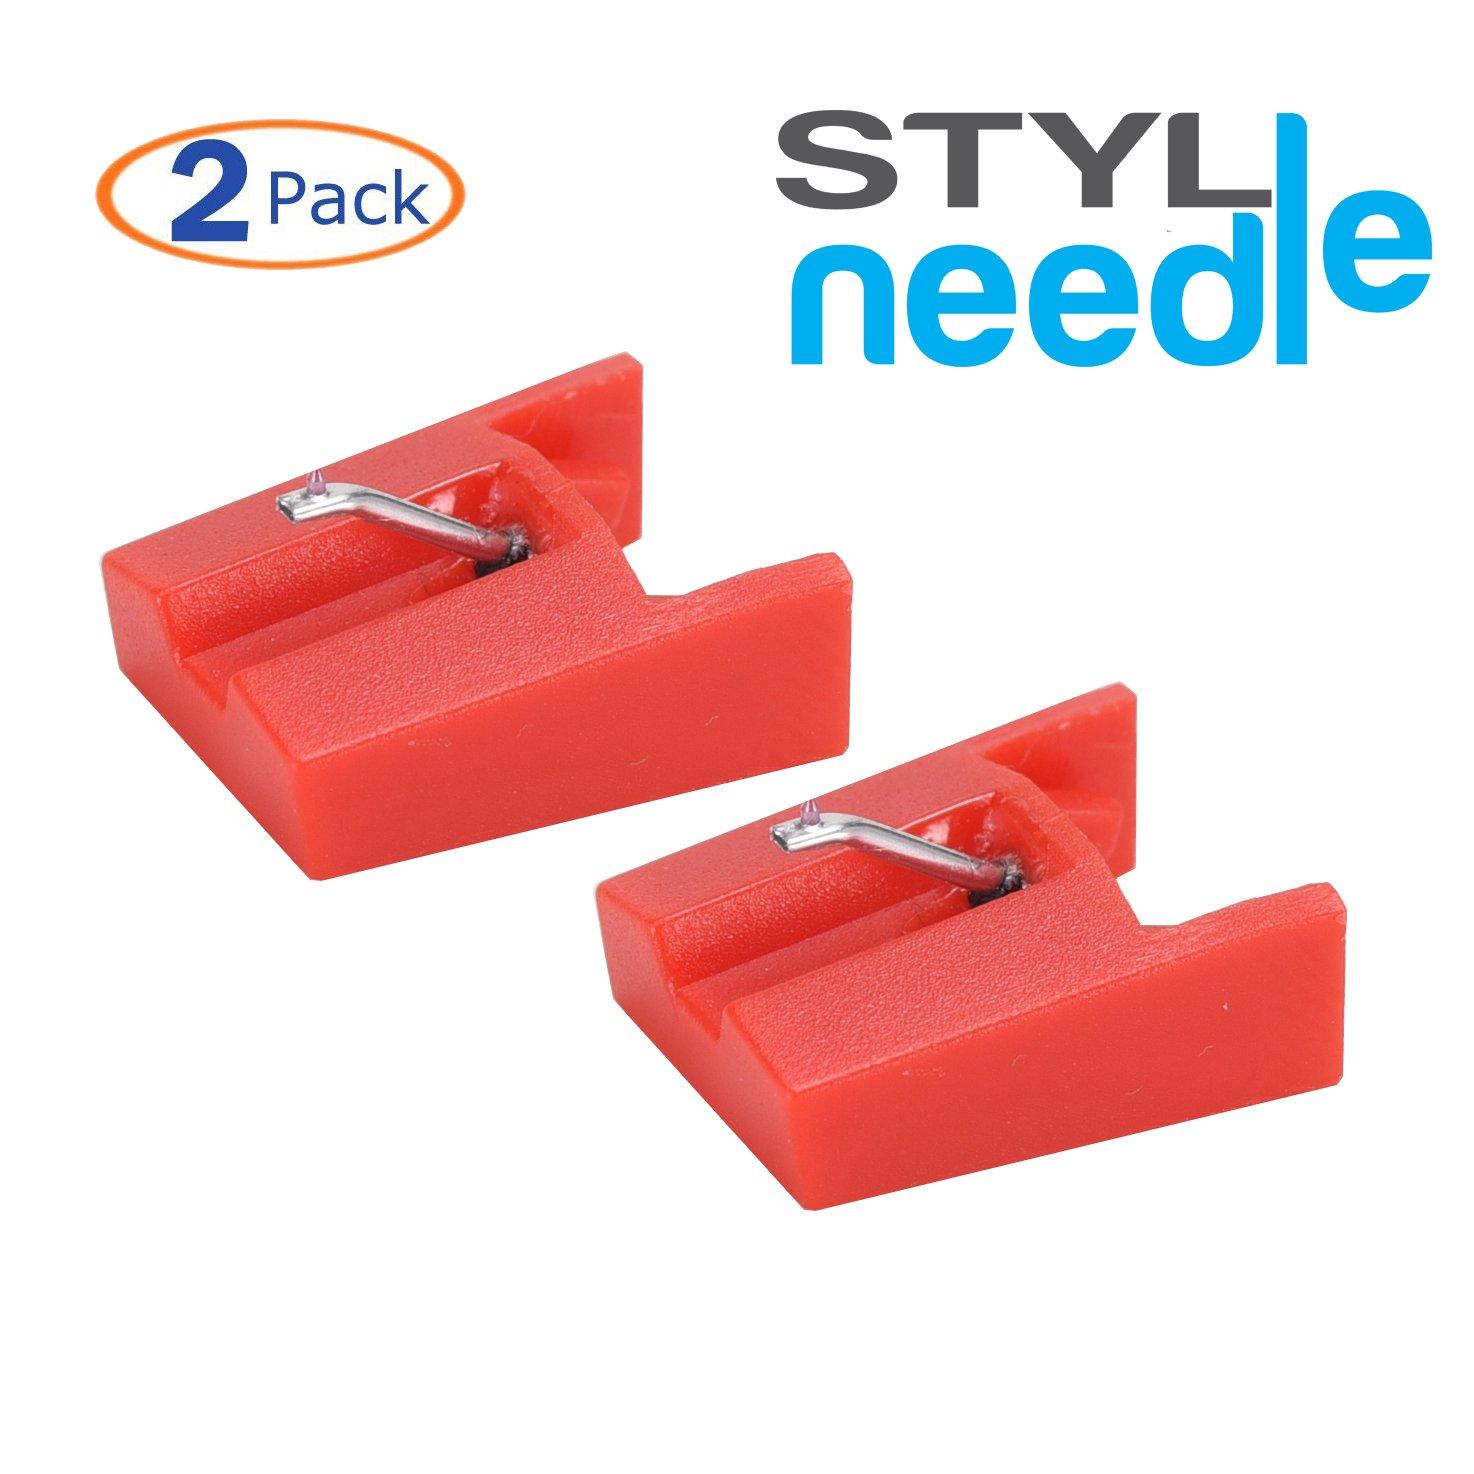 Stylineedle Aguja de repuesto con punta de diamante para tocadiscos – Paquete de 2 – Para for ION ICT04RS y Crosley NP4 SN02MND